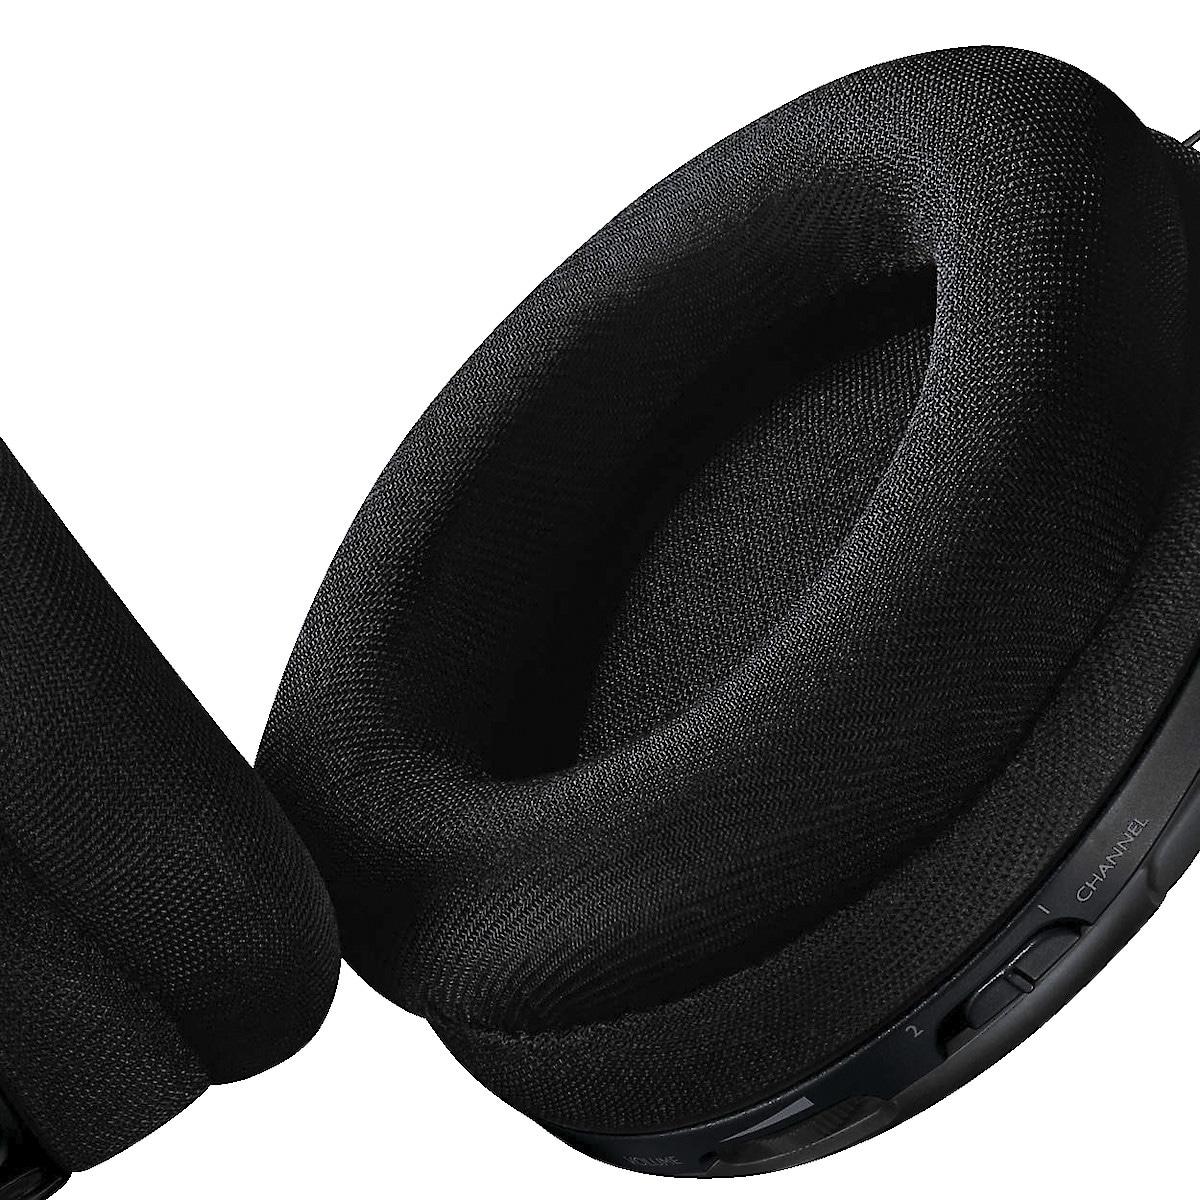 Trådlösa hörlurar Philips SHC5200